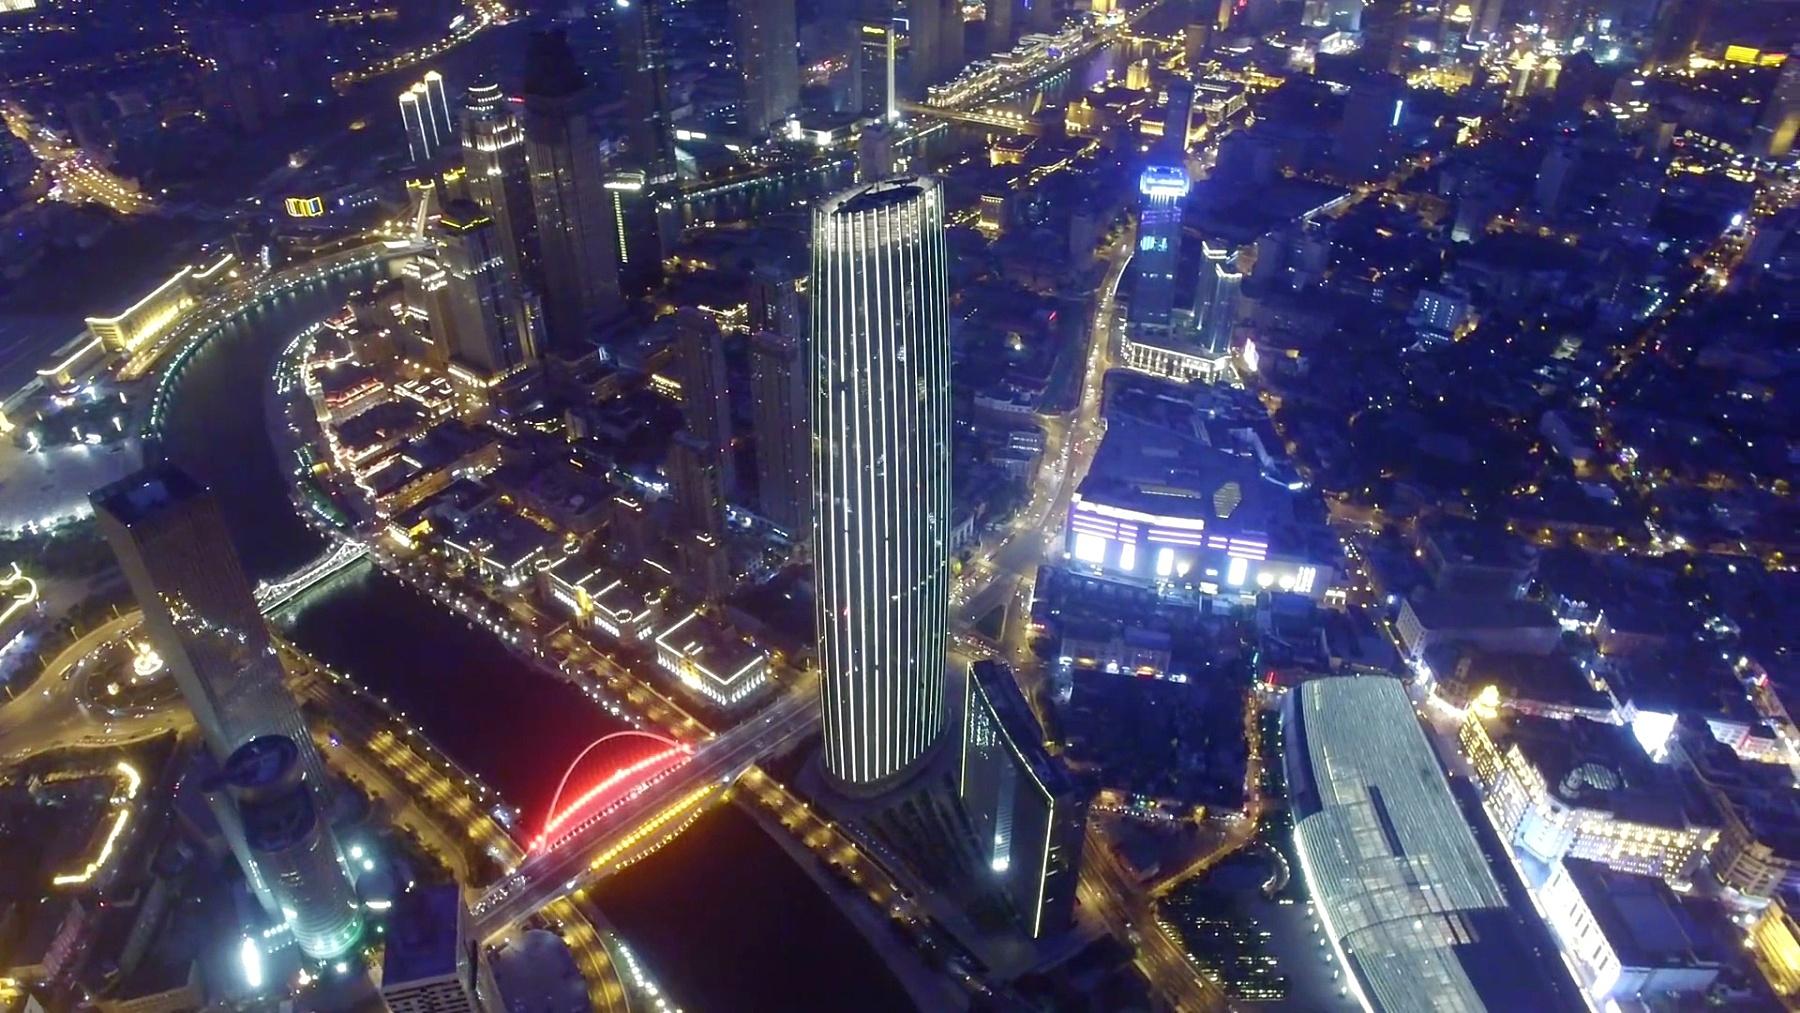 航拍现代建筑与城市夜景